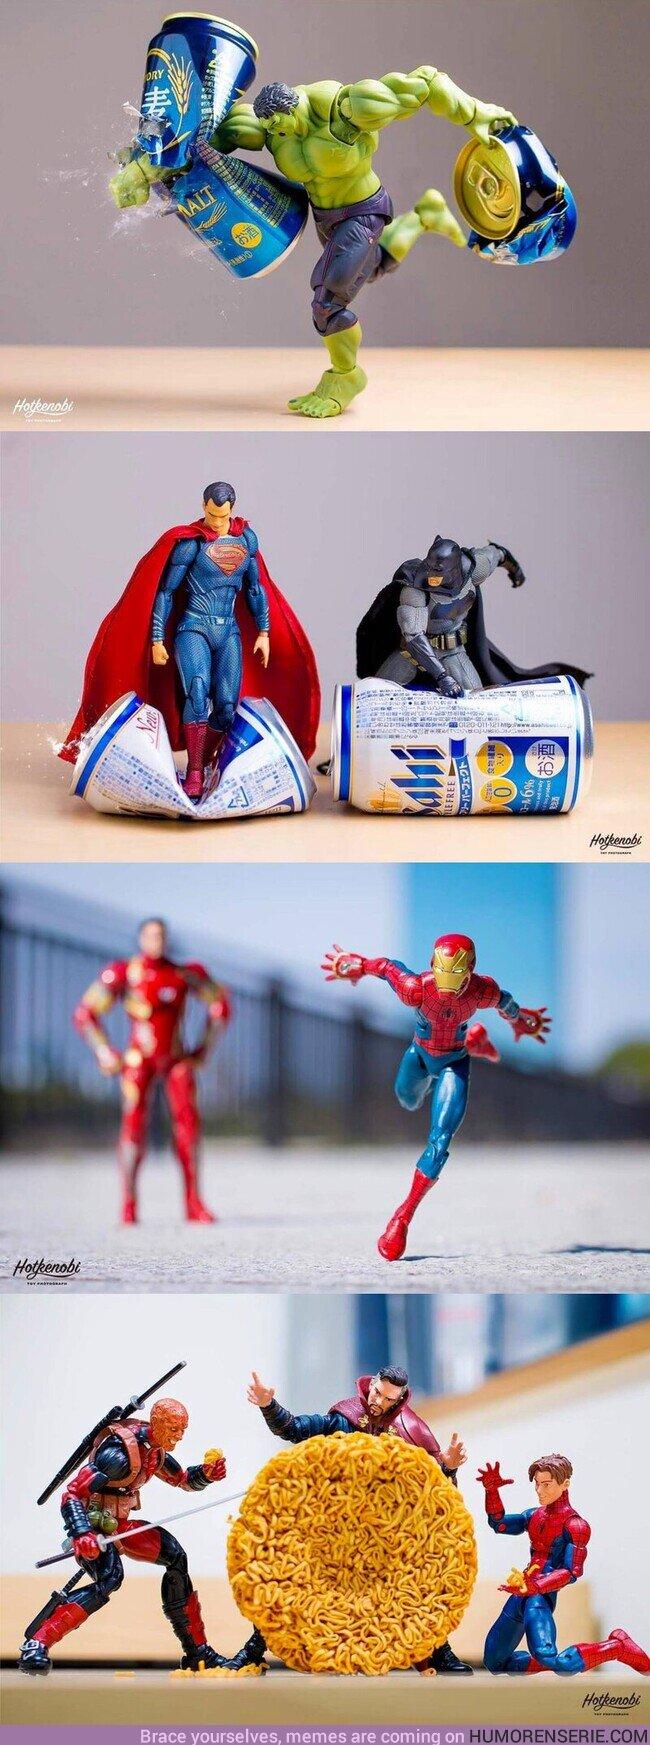 59908 - El fotógrafo japonés Hotkenobi usa las figuras de superhéroes como protagonistas de sus fotografías